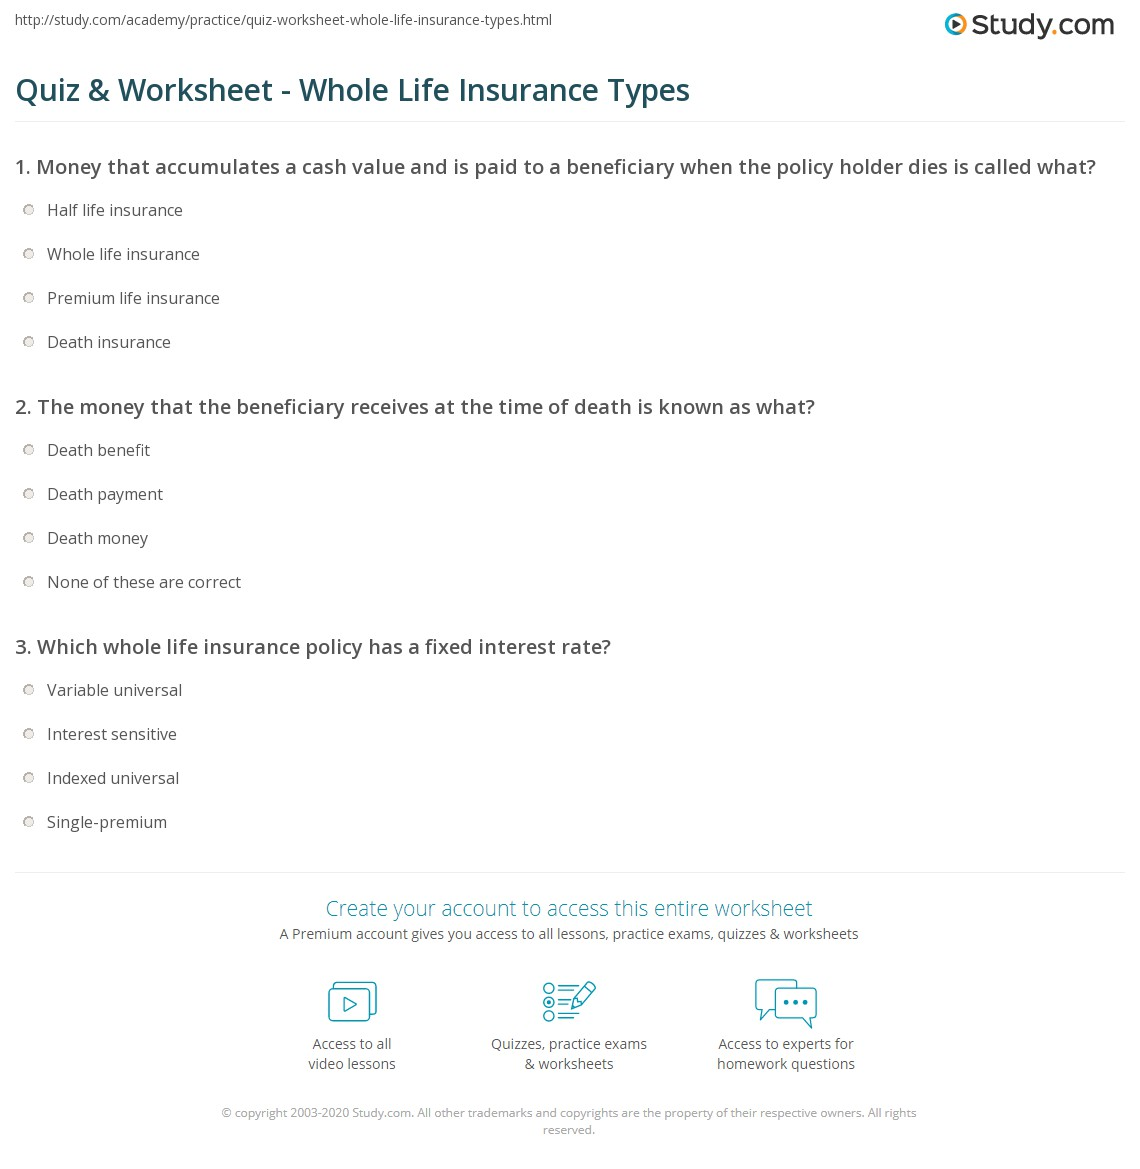 quiz & worksheet - whole life insurance types | study